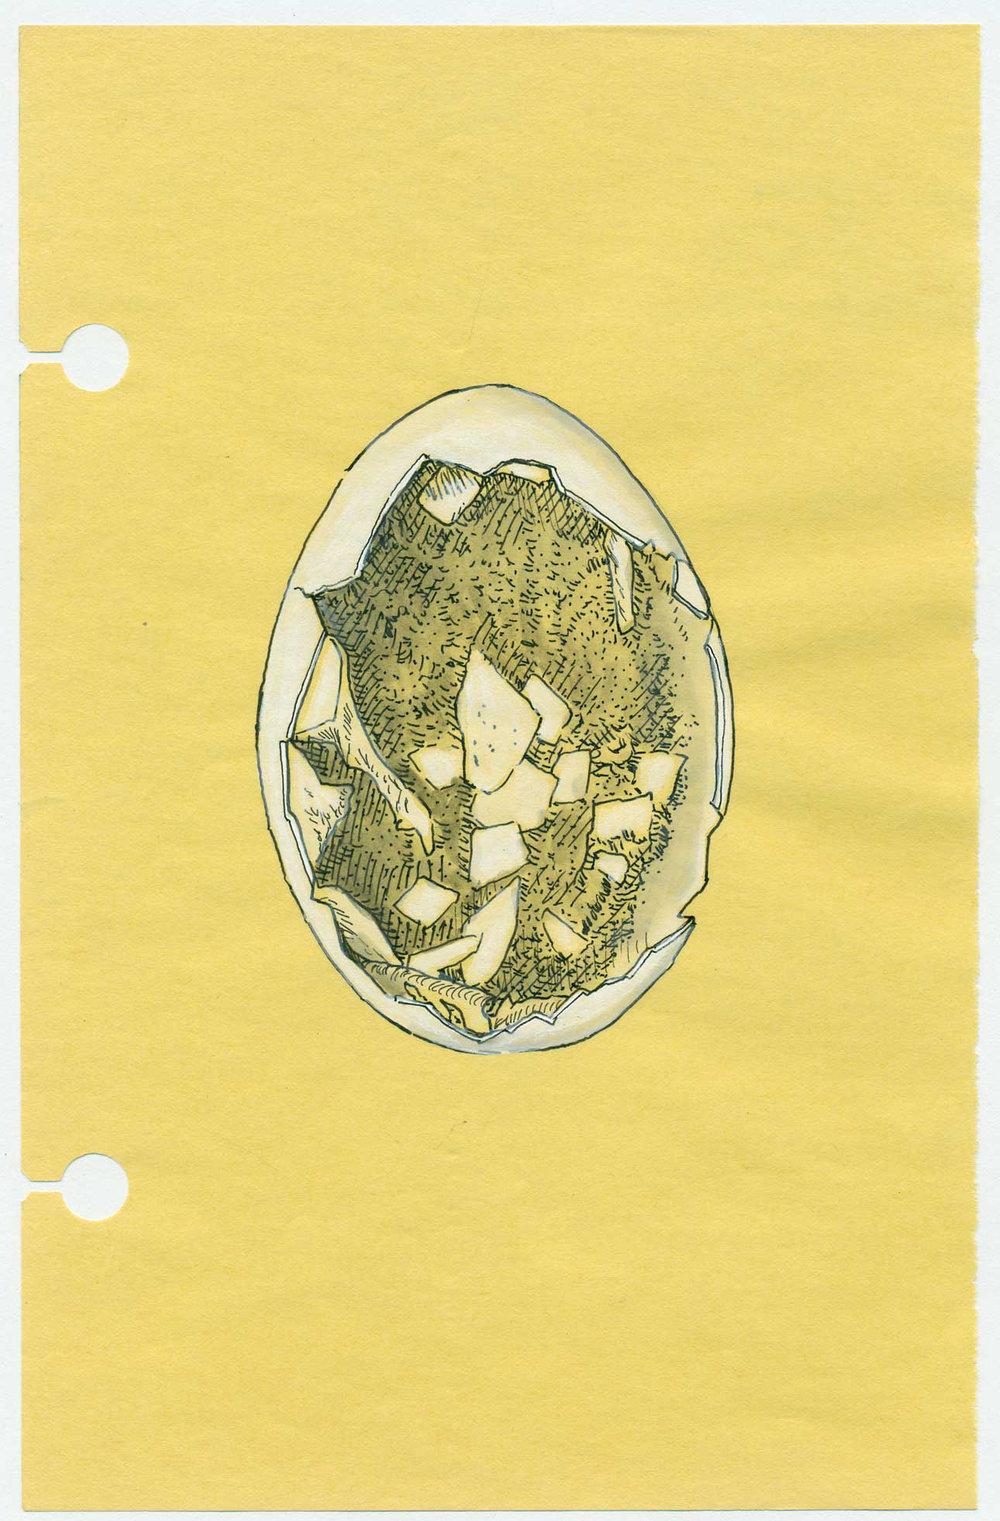 KL_yellow_egg.jpg